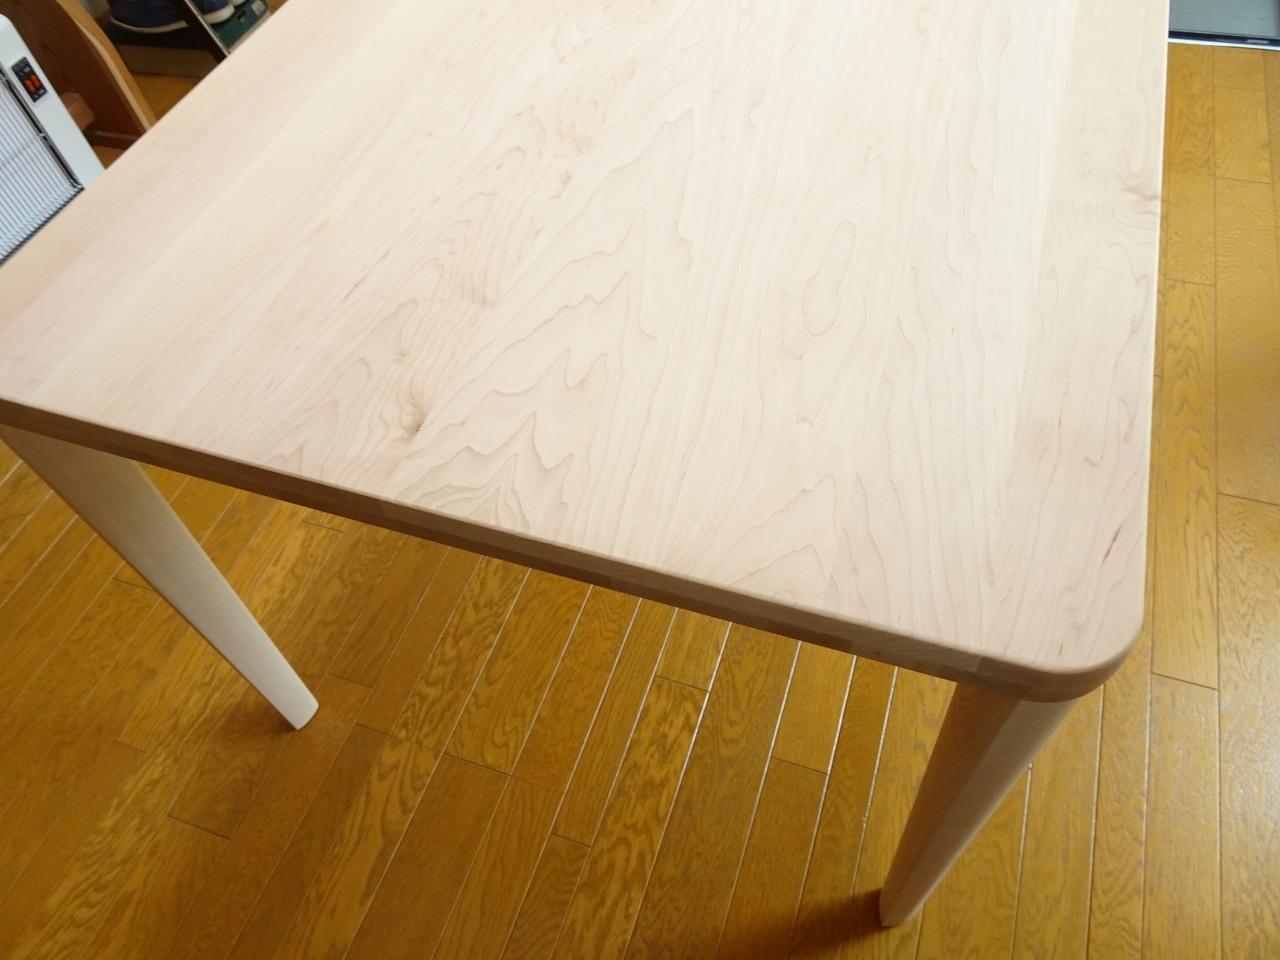 大阪府のY様にカリモク家具のメープル材のダイニングテーブルDU4825P859をお届けいたしました。